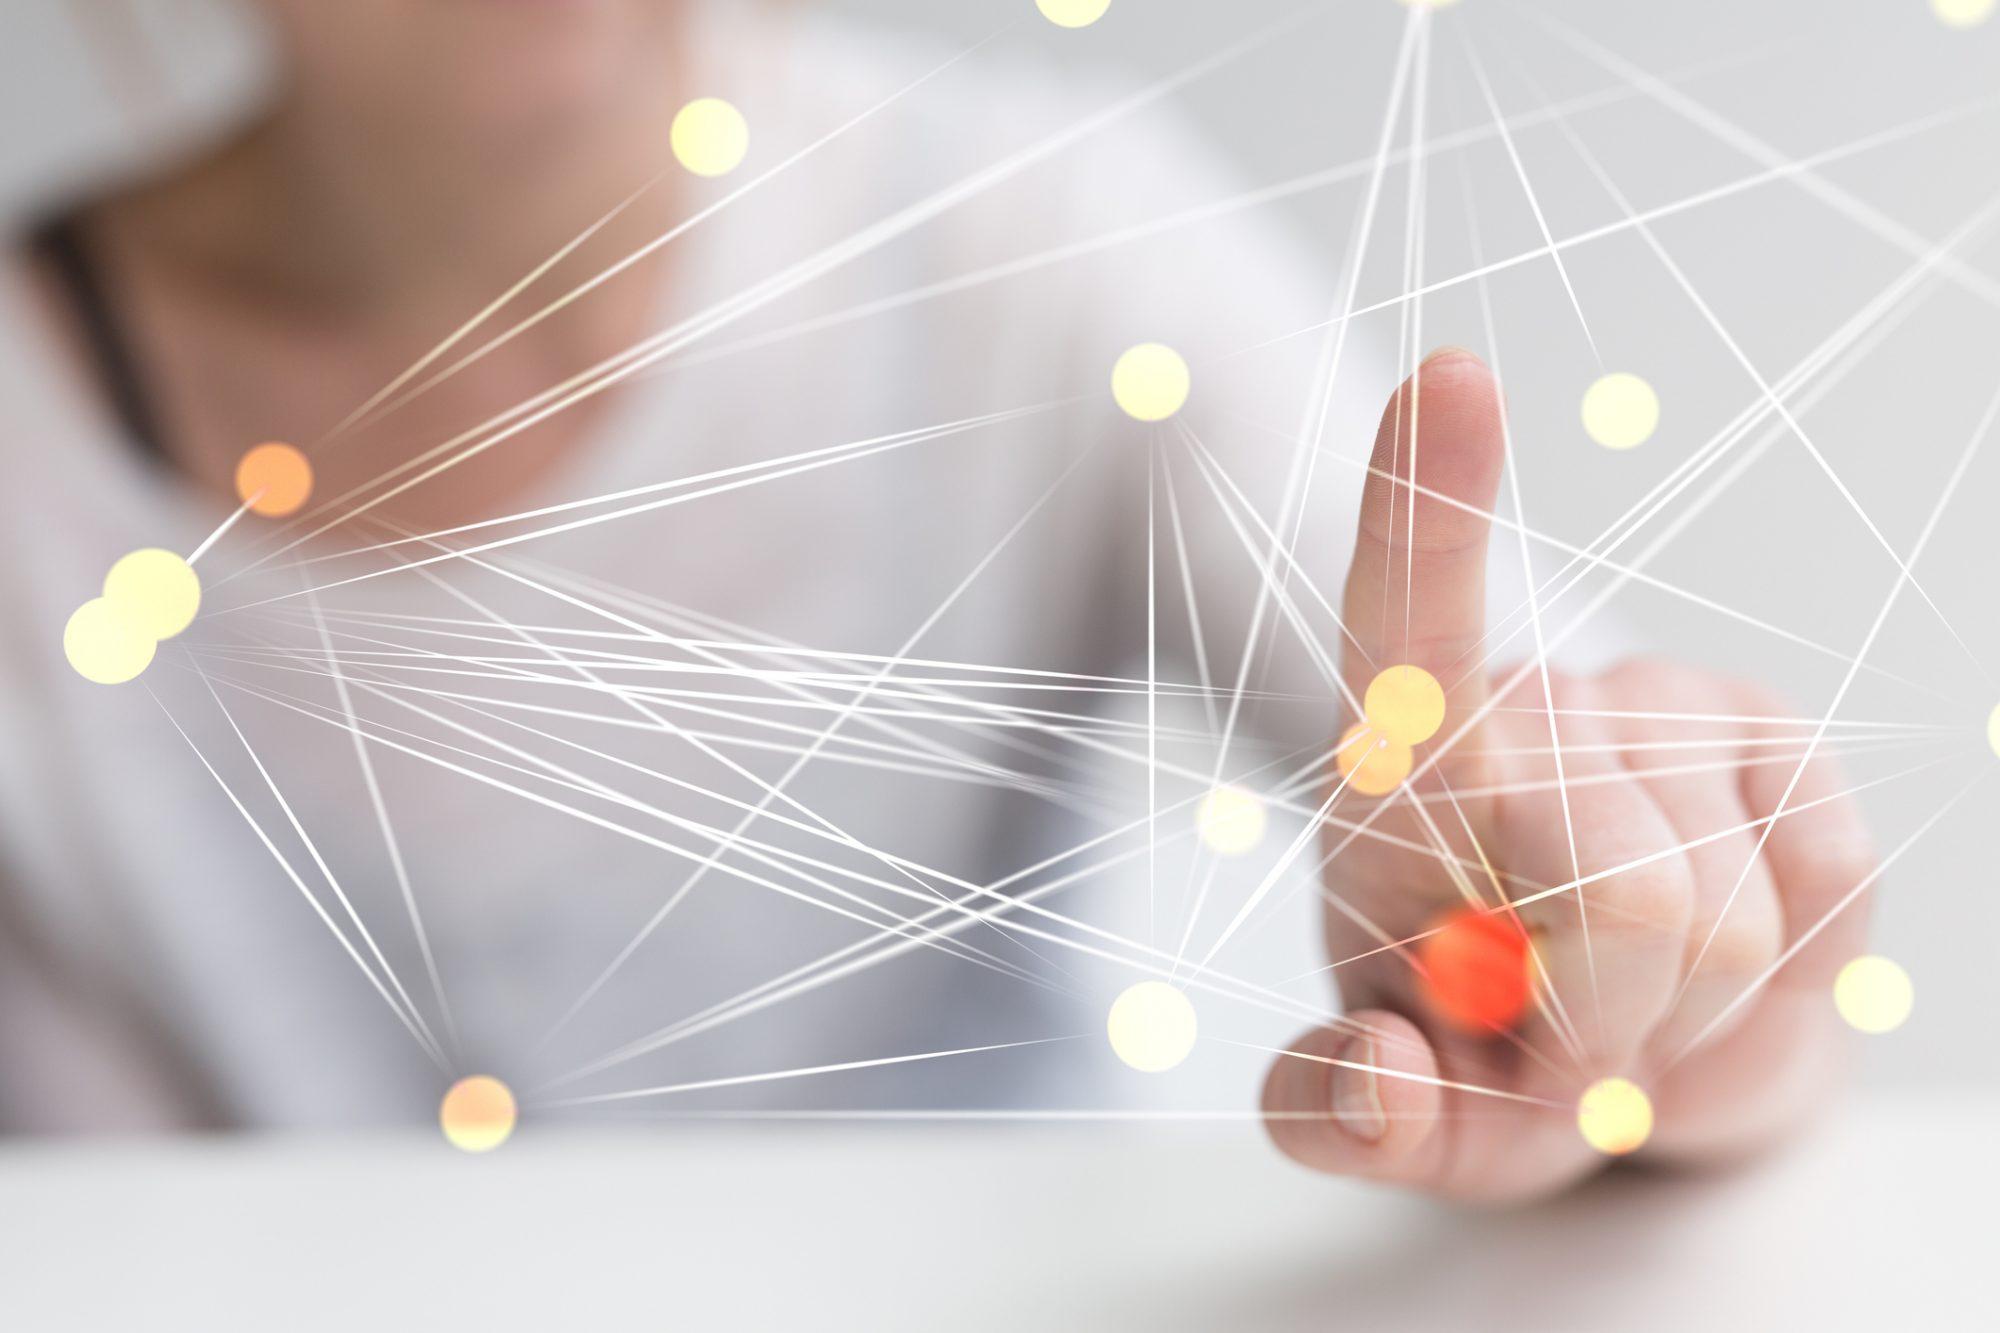 """Frau zeigt auf Netzwerksystem als Metapher für den Artikel """"Agiles Plattformmodell macht Kernbankensysteme zukunftssicher"""""""